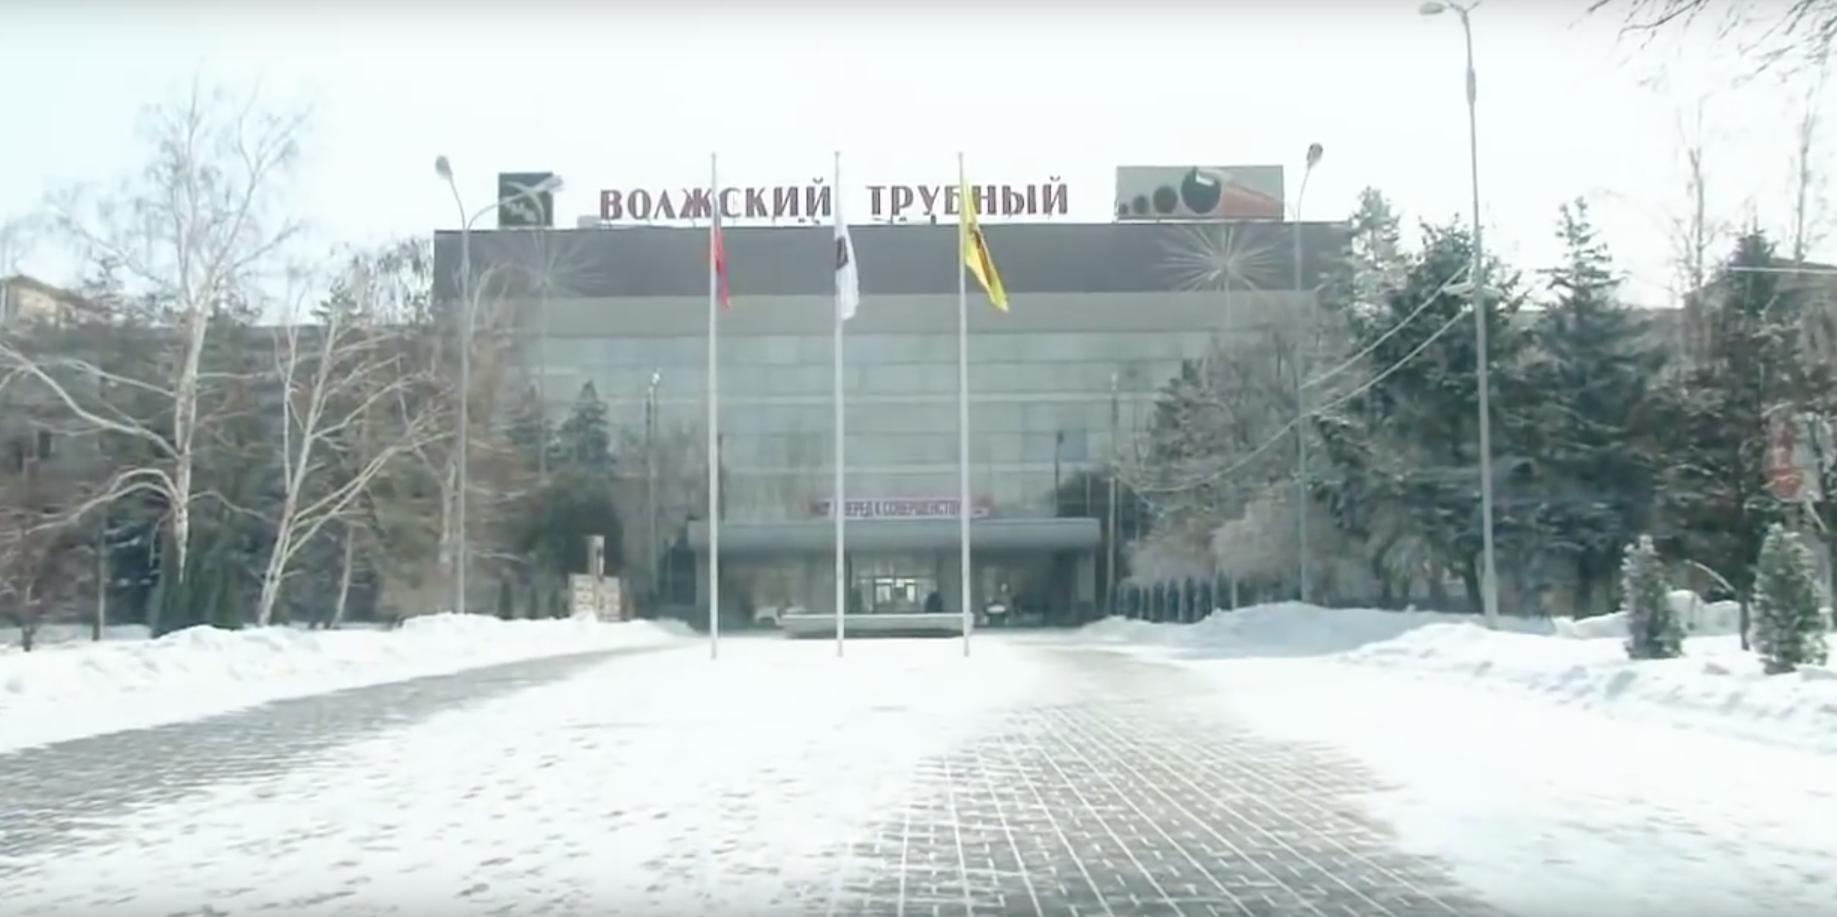 заказать ИСО 14001 экологический менеджмент 2016 в Вязьме